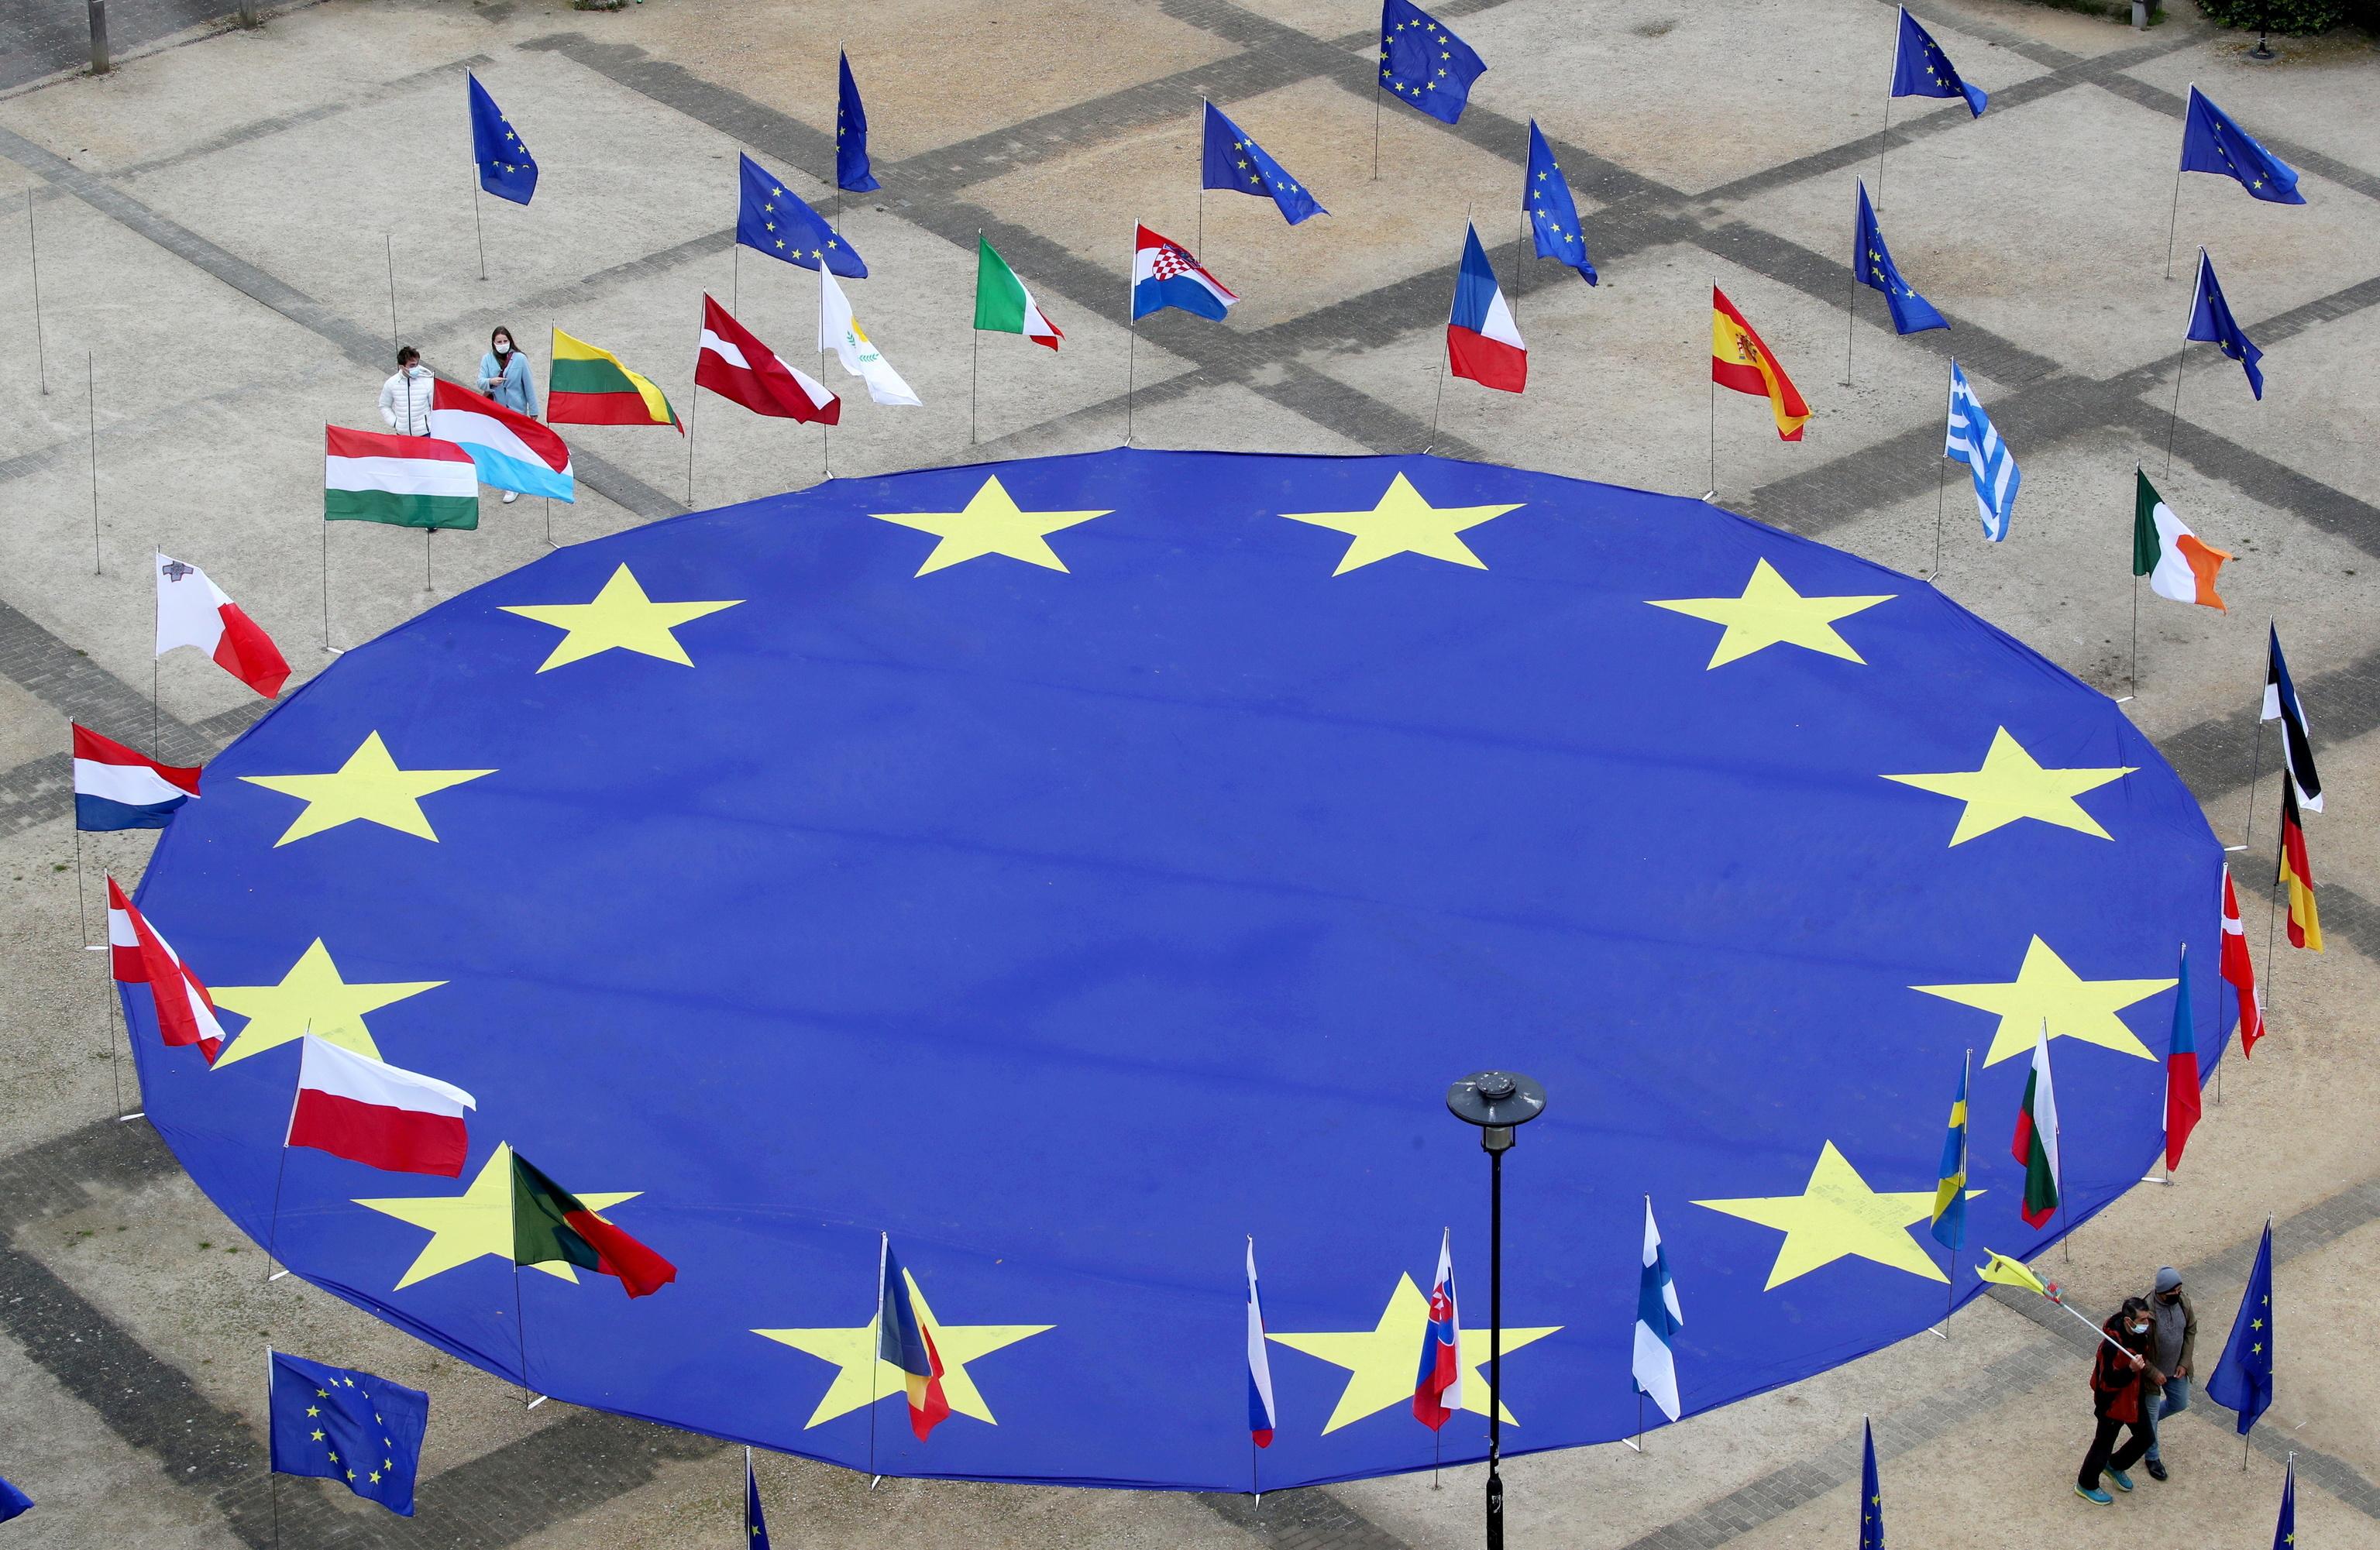 """La UE culpa a Volkswagen de """"mala fe"""" por eludir las indemnizaciones del 'dieselgate'"""